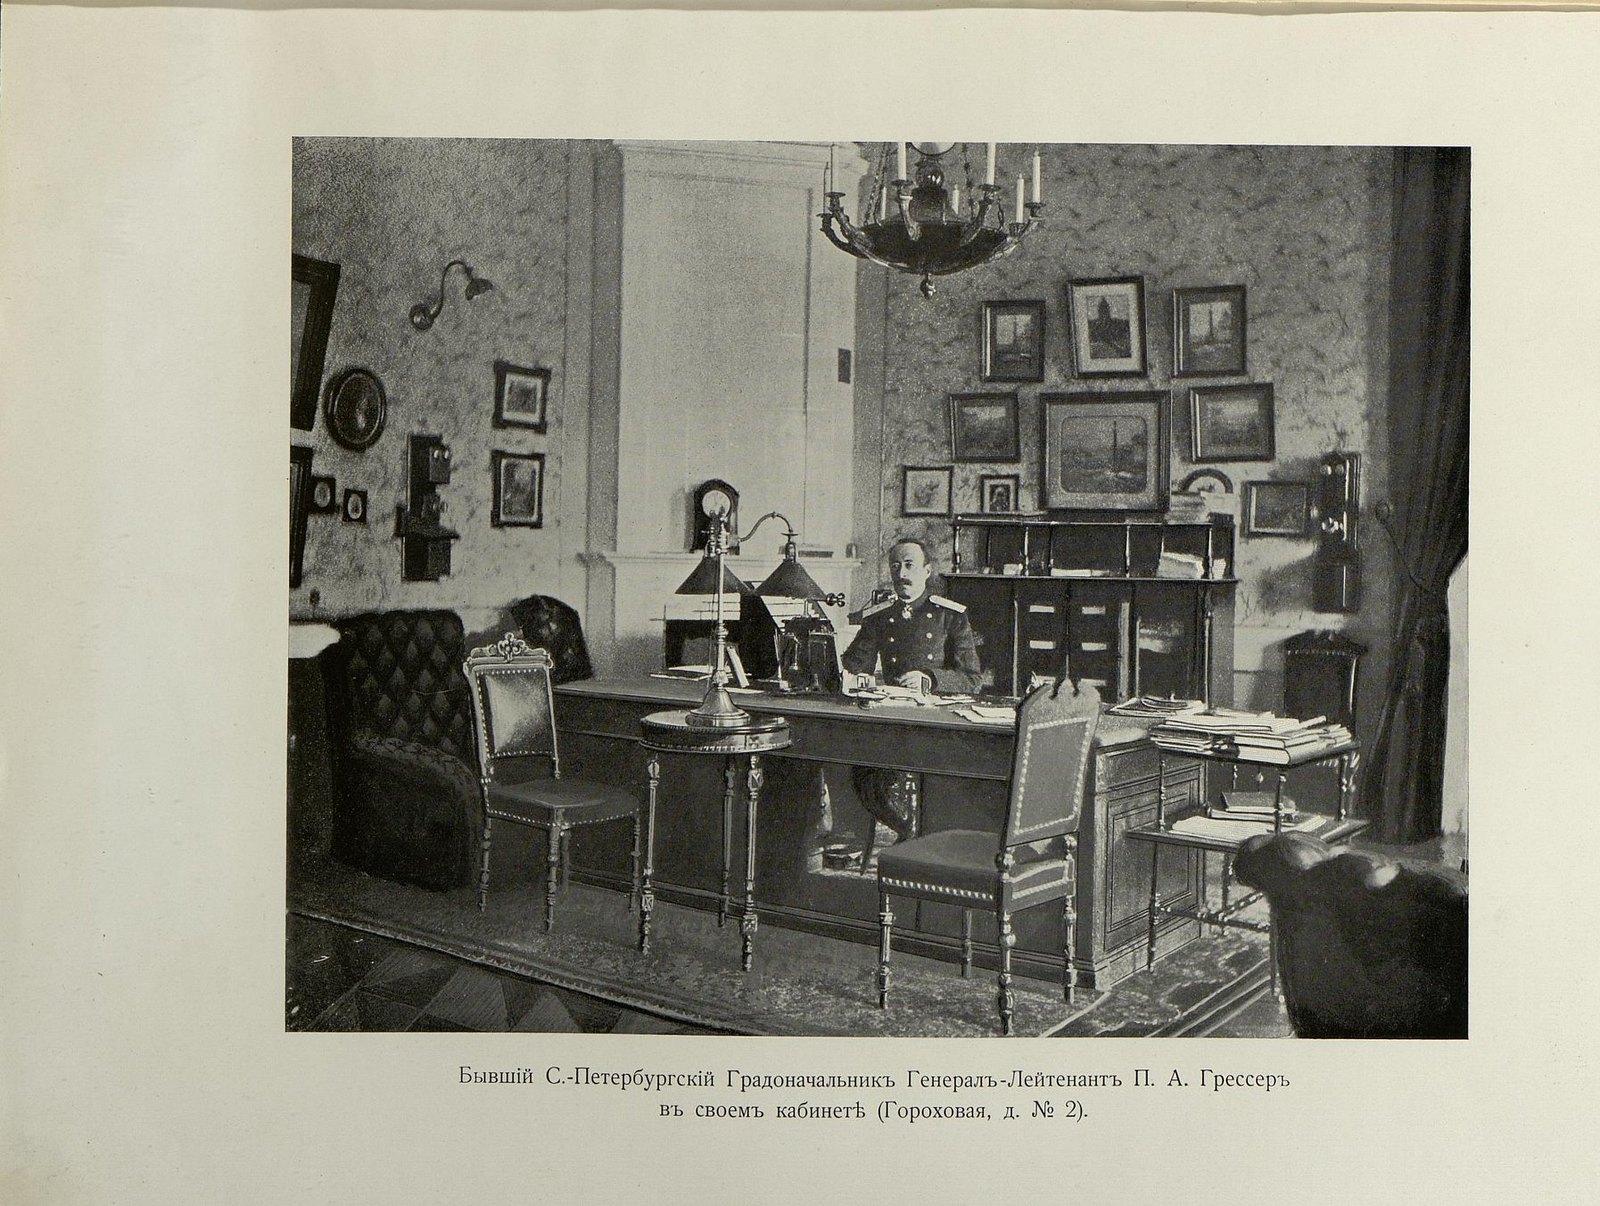 50. Бывший санкт-петербургский градоначальник генерал-лейтенант П.А. Грессер в своем кабинете